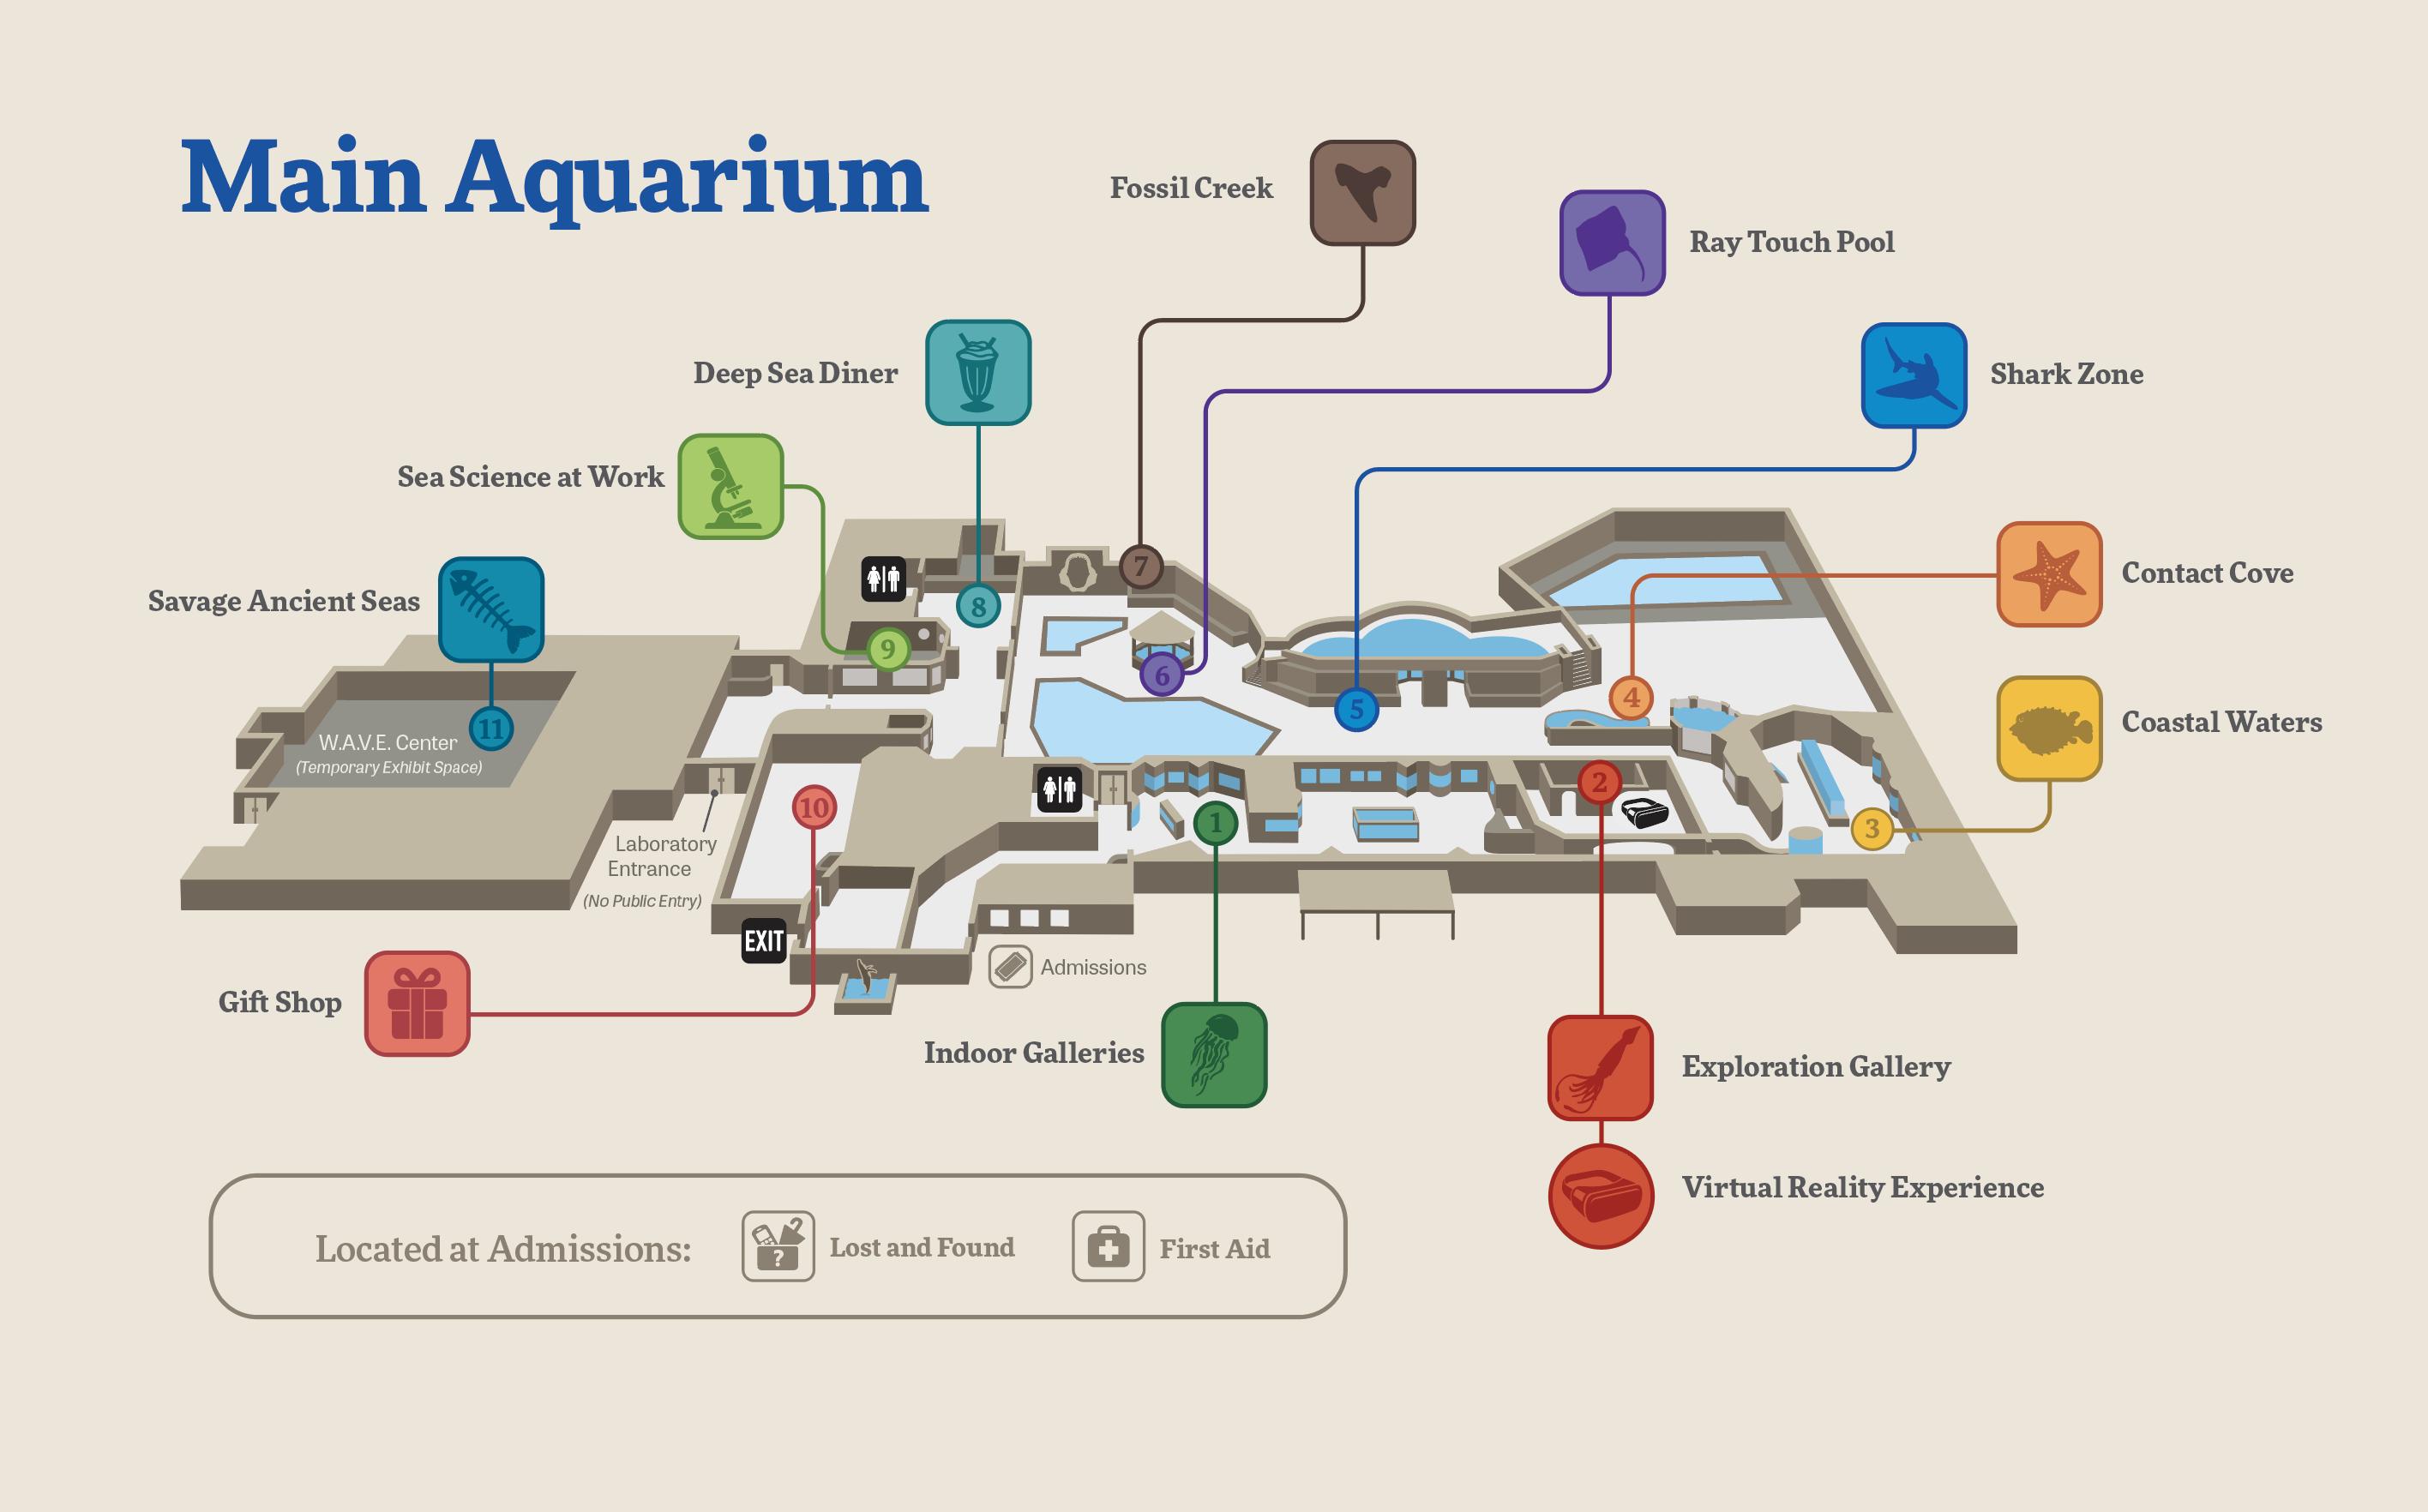 Mote Aquarium Visitor Map - Main Aquarium Floorplan